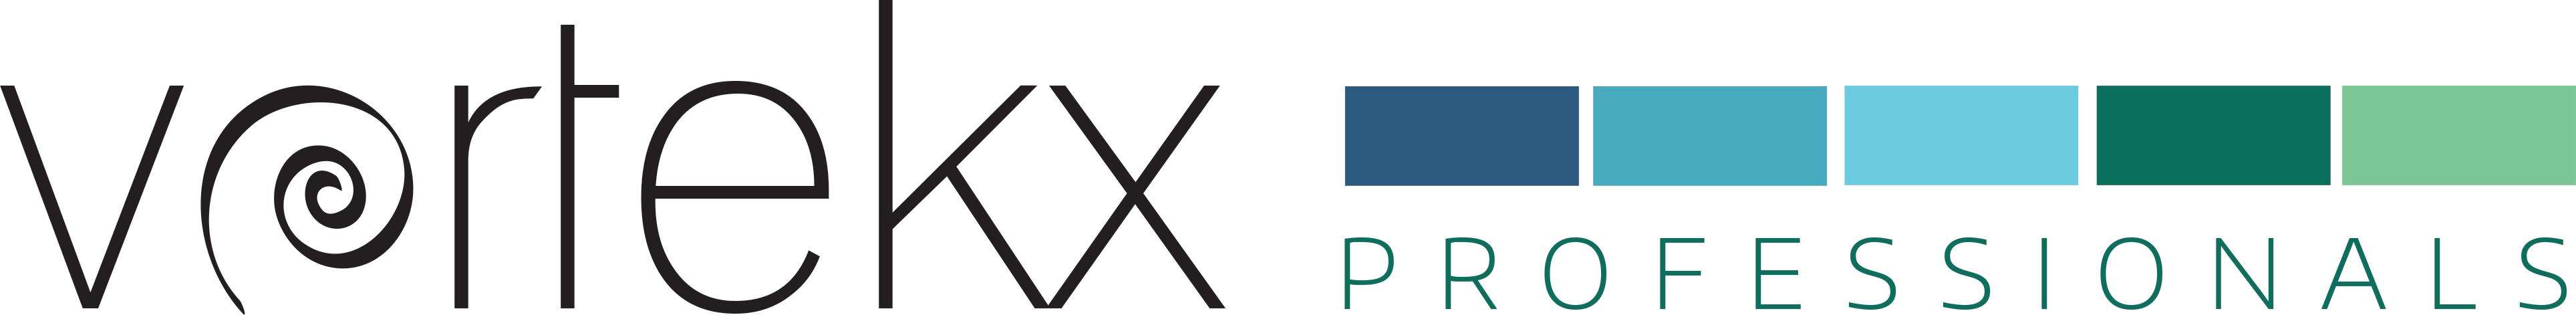 VorteKx Professionals